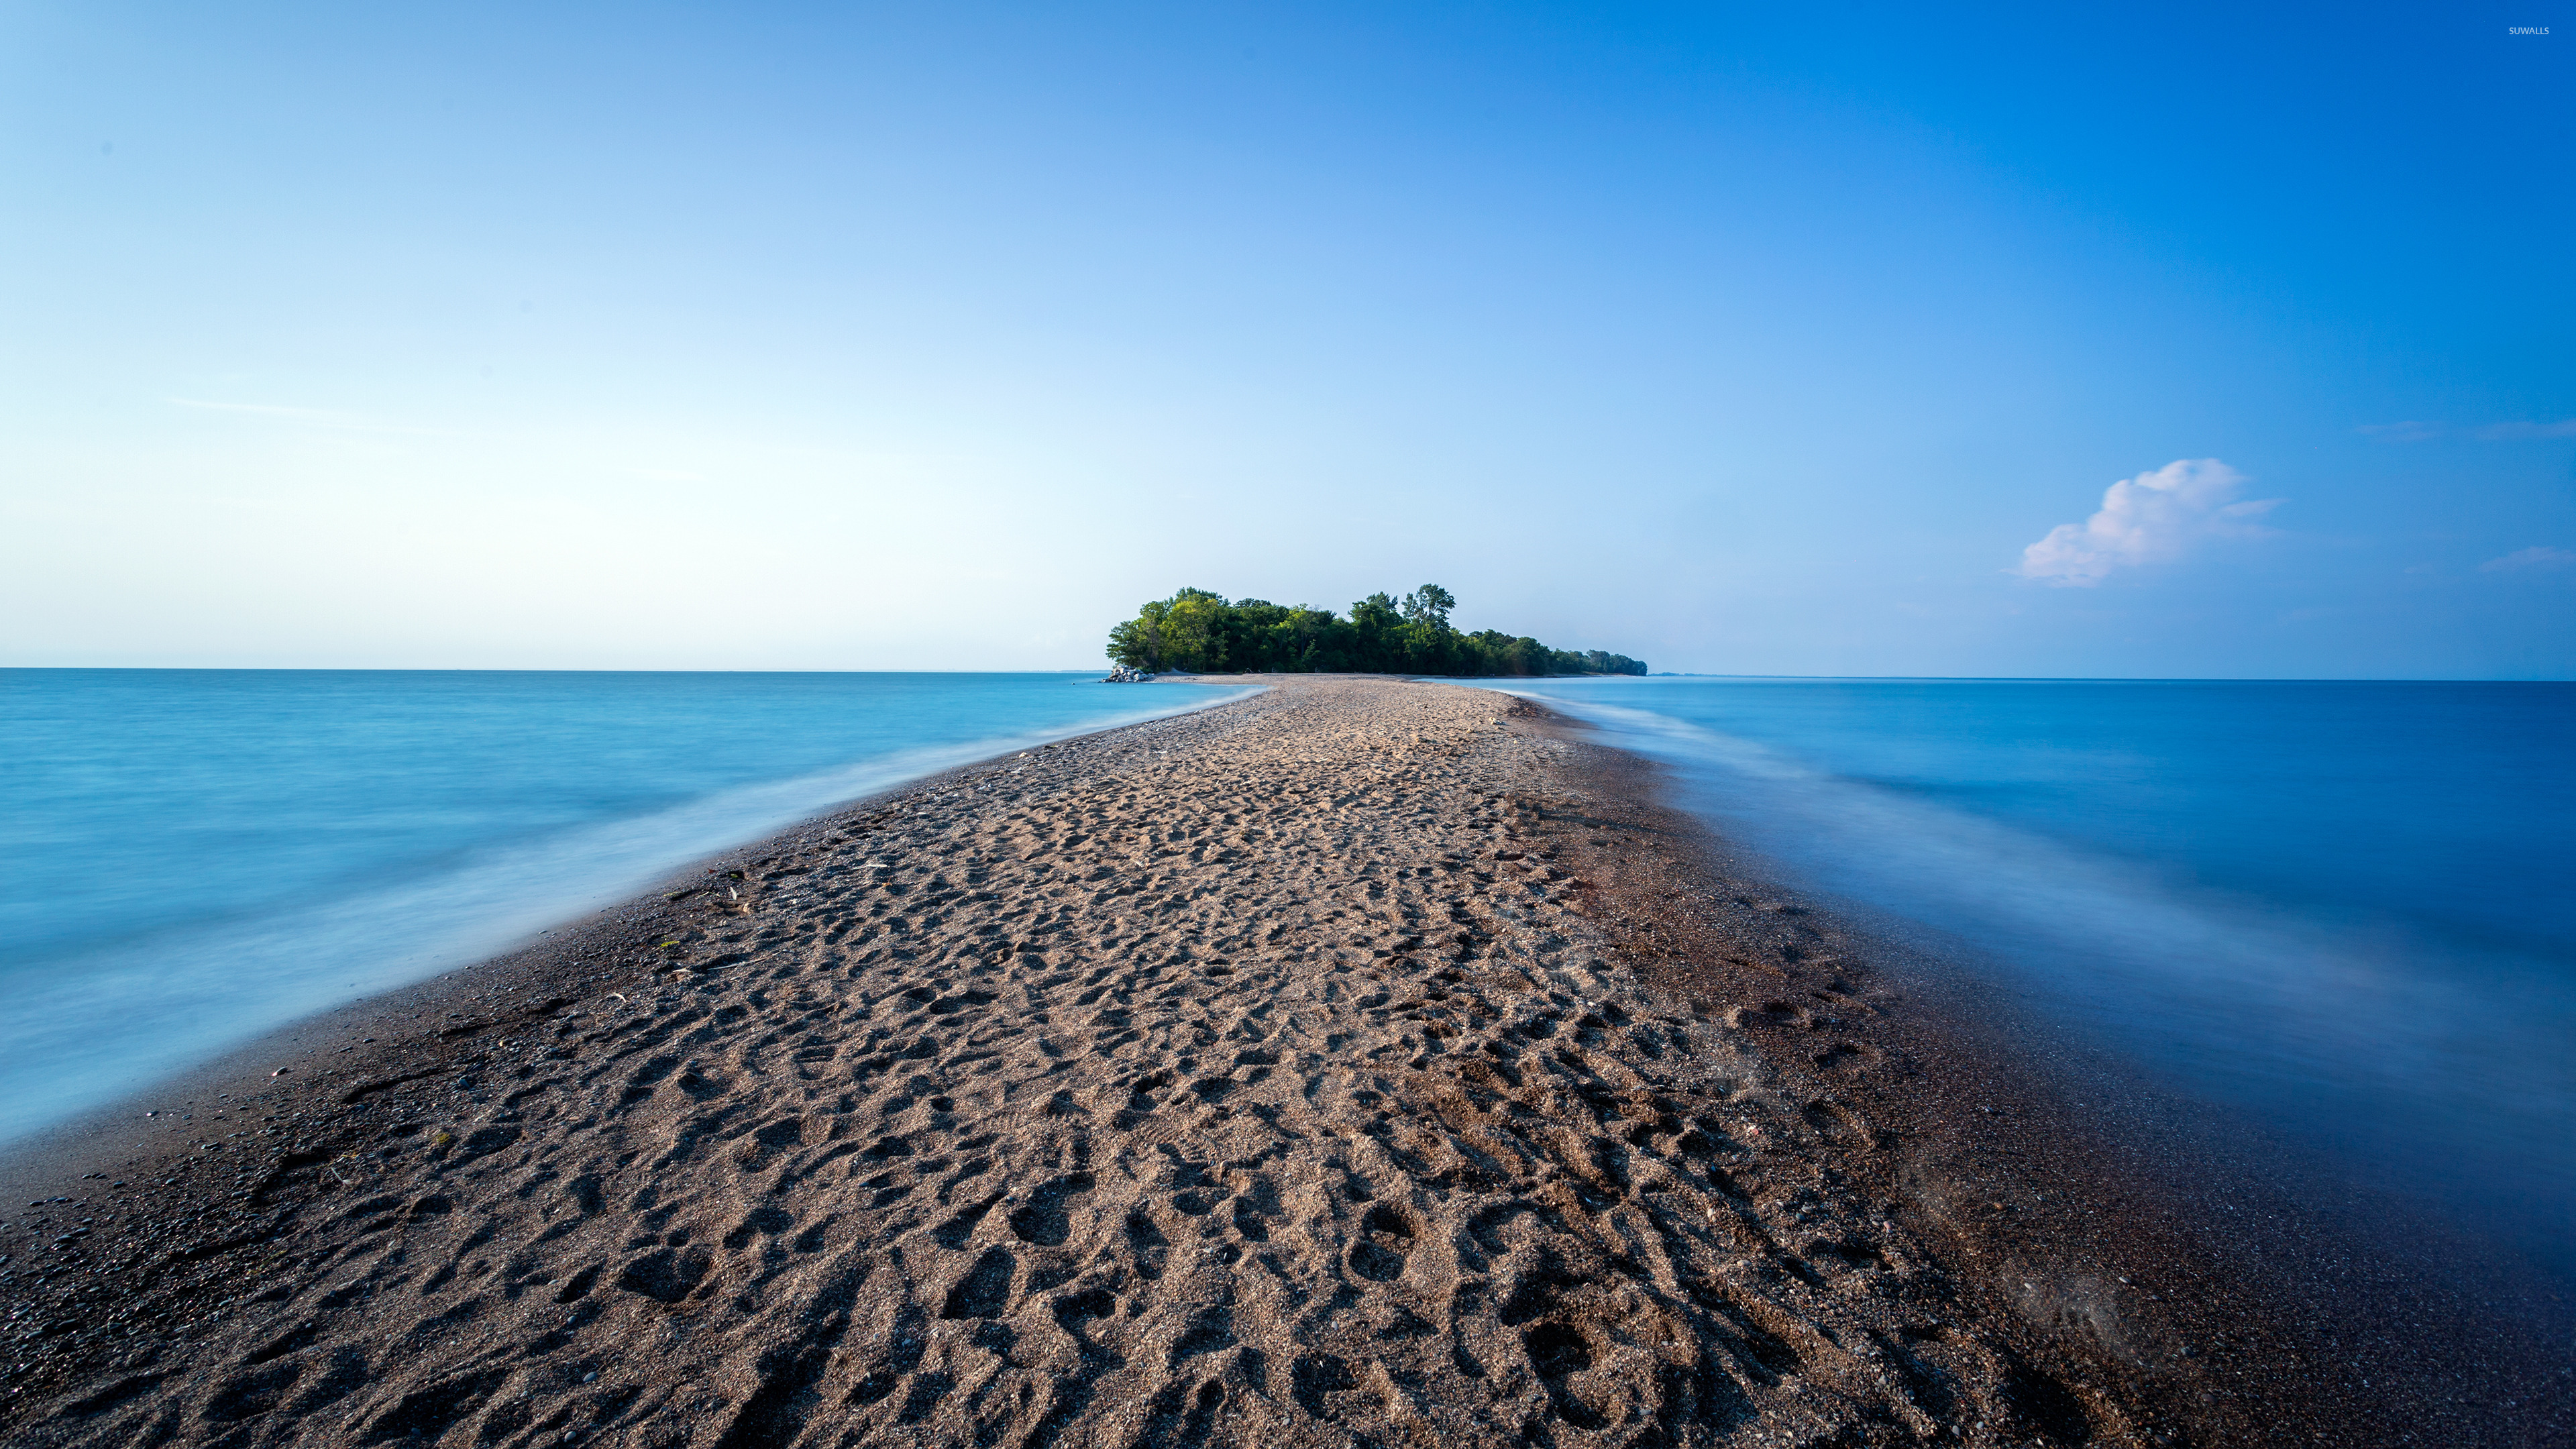 острова берег залив онлайн